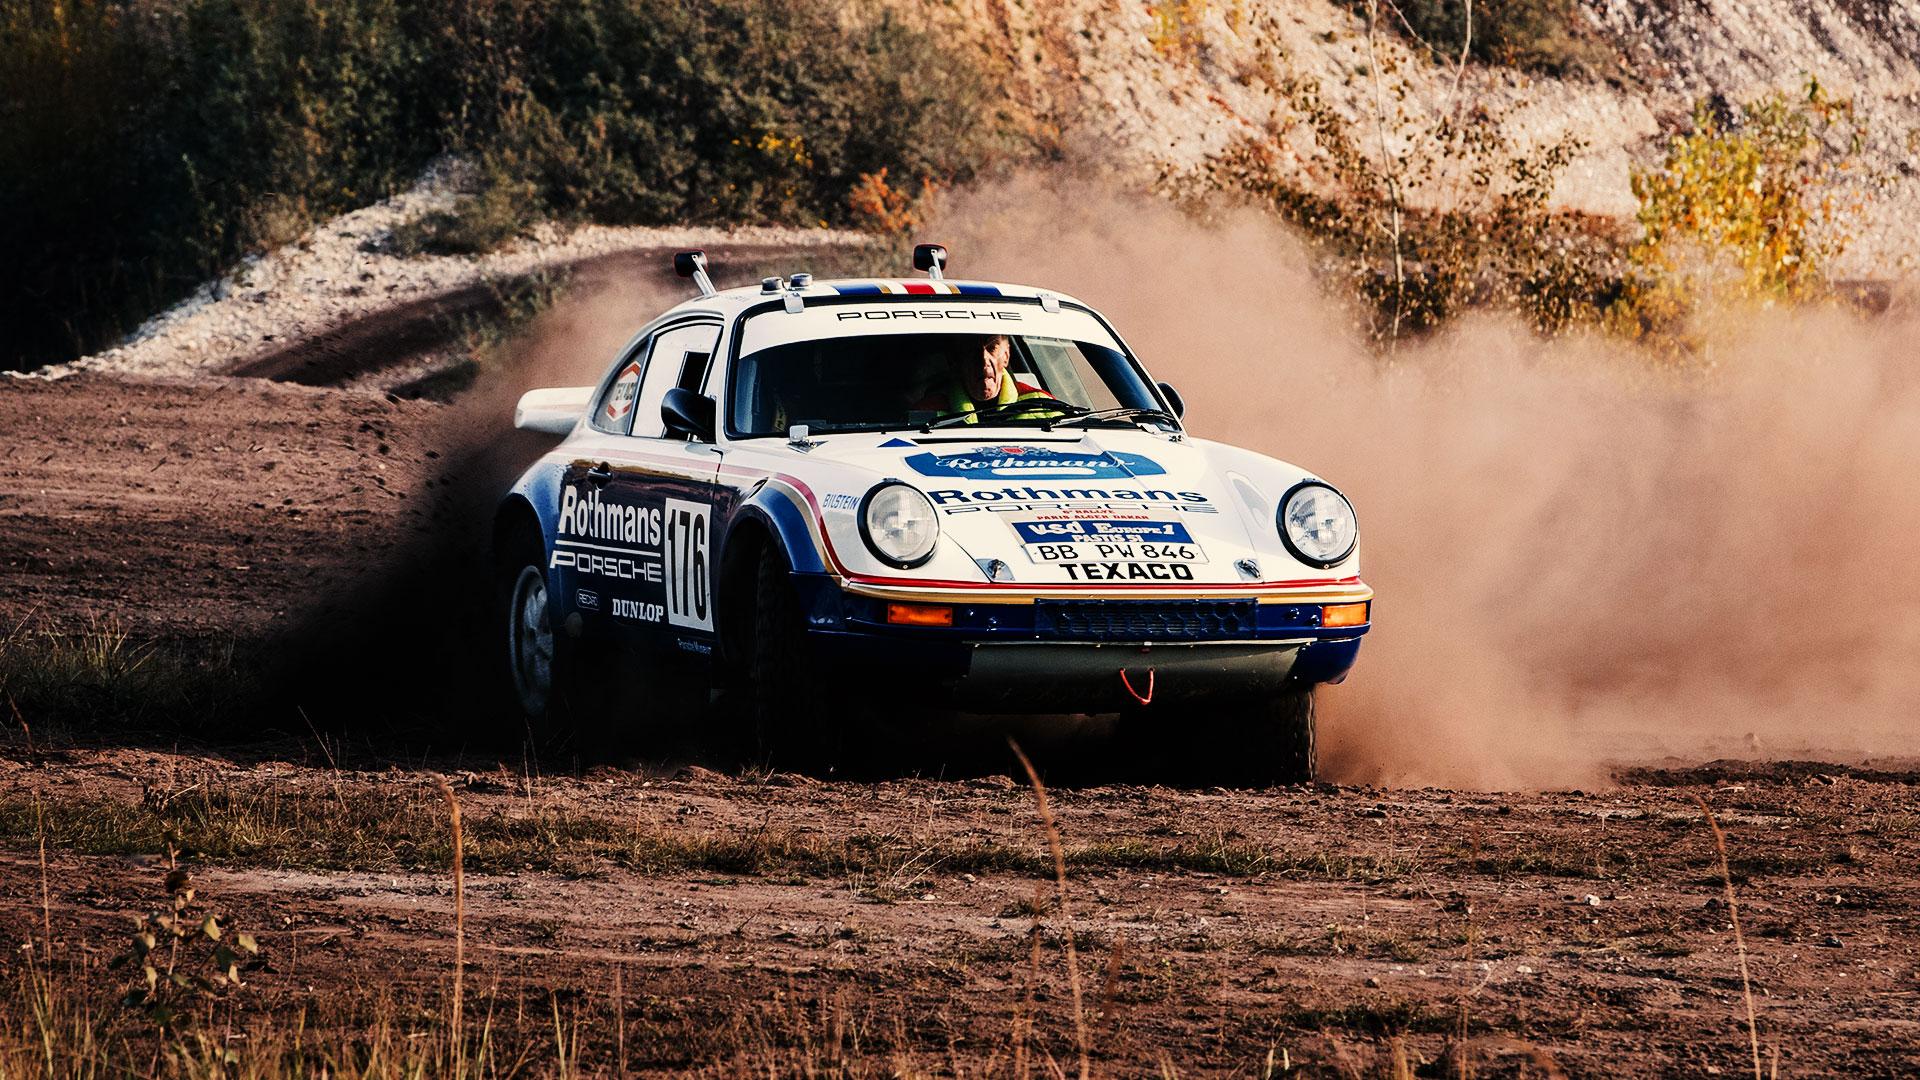 Porsche Top Rally Cars 4